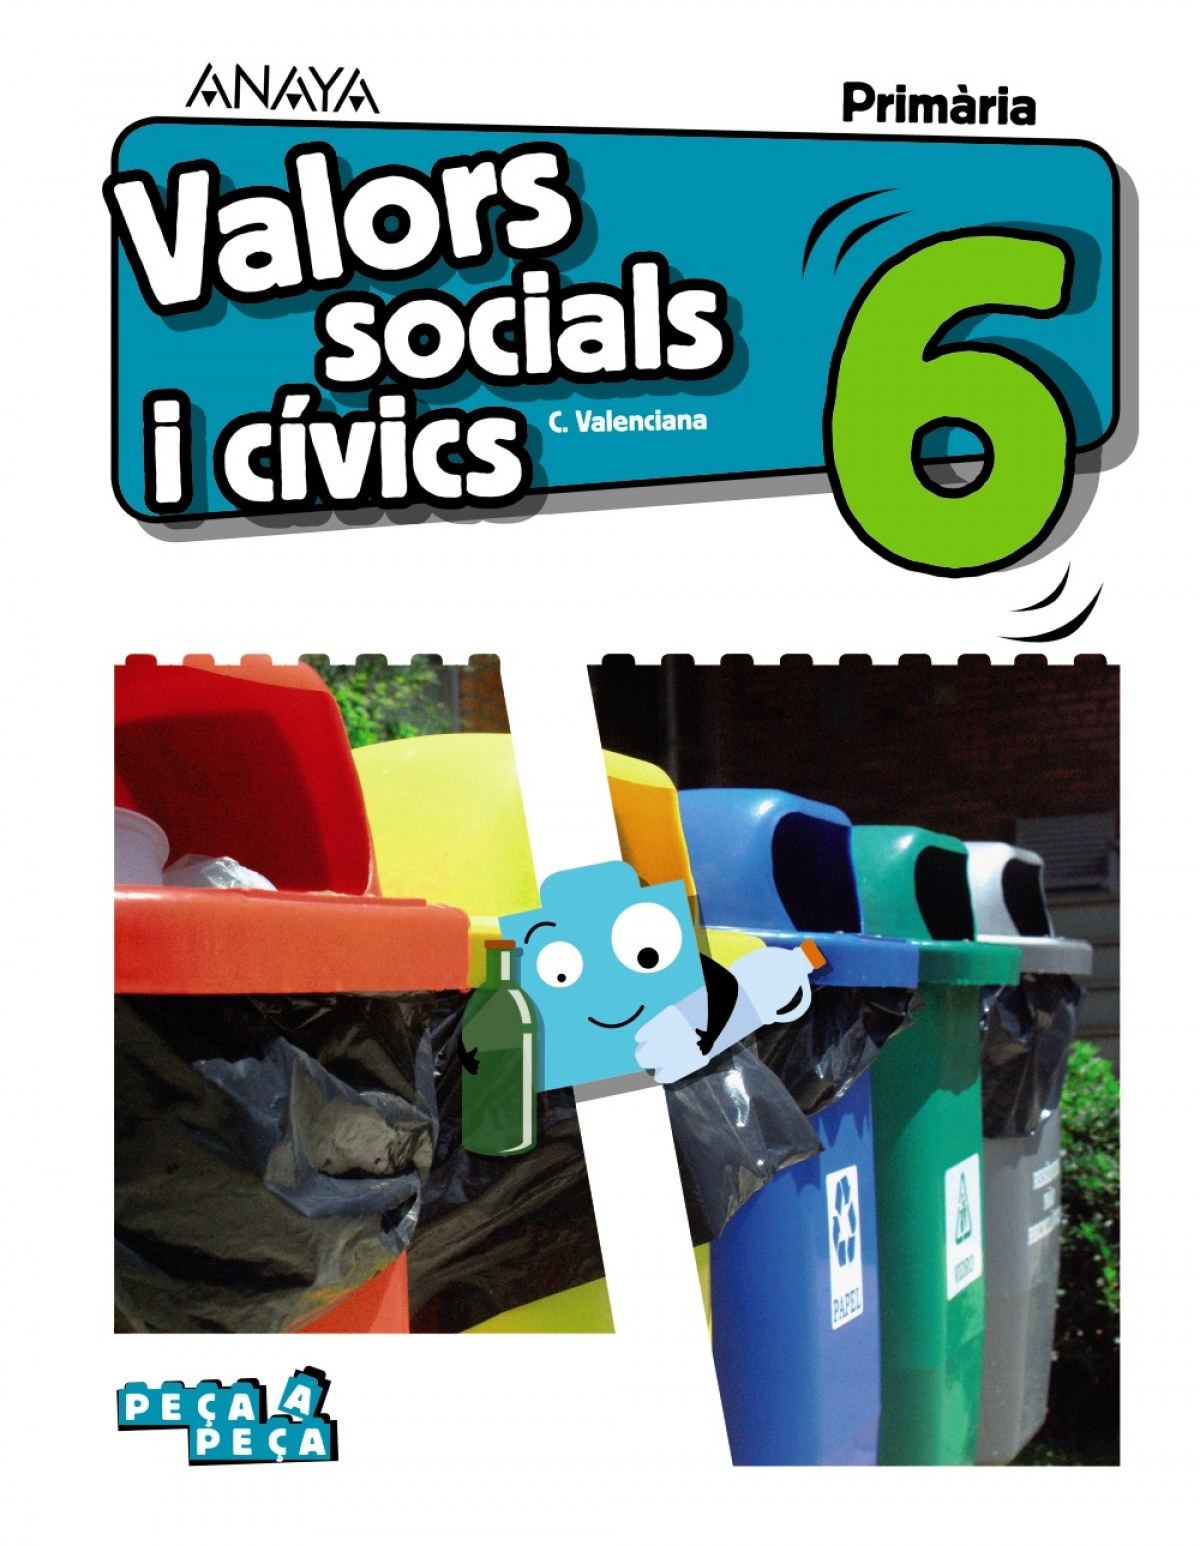 Valors socials i cívics 6.